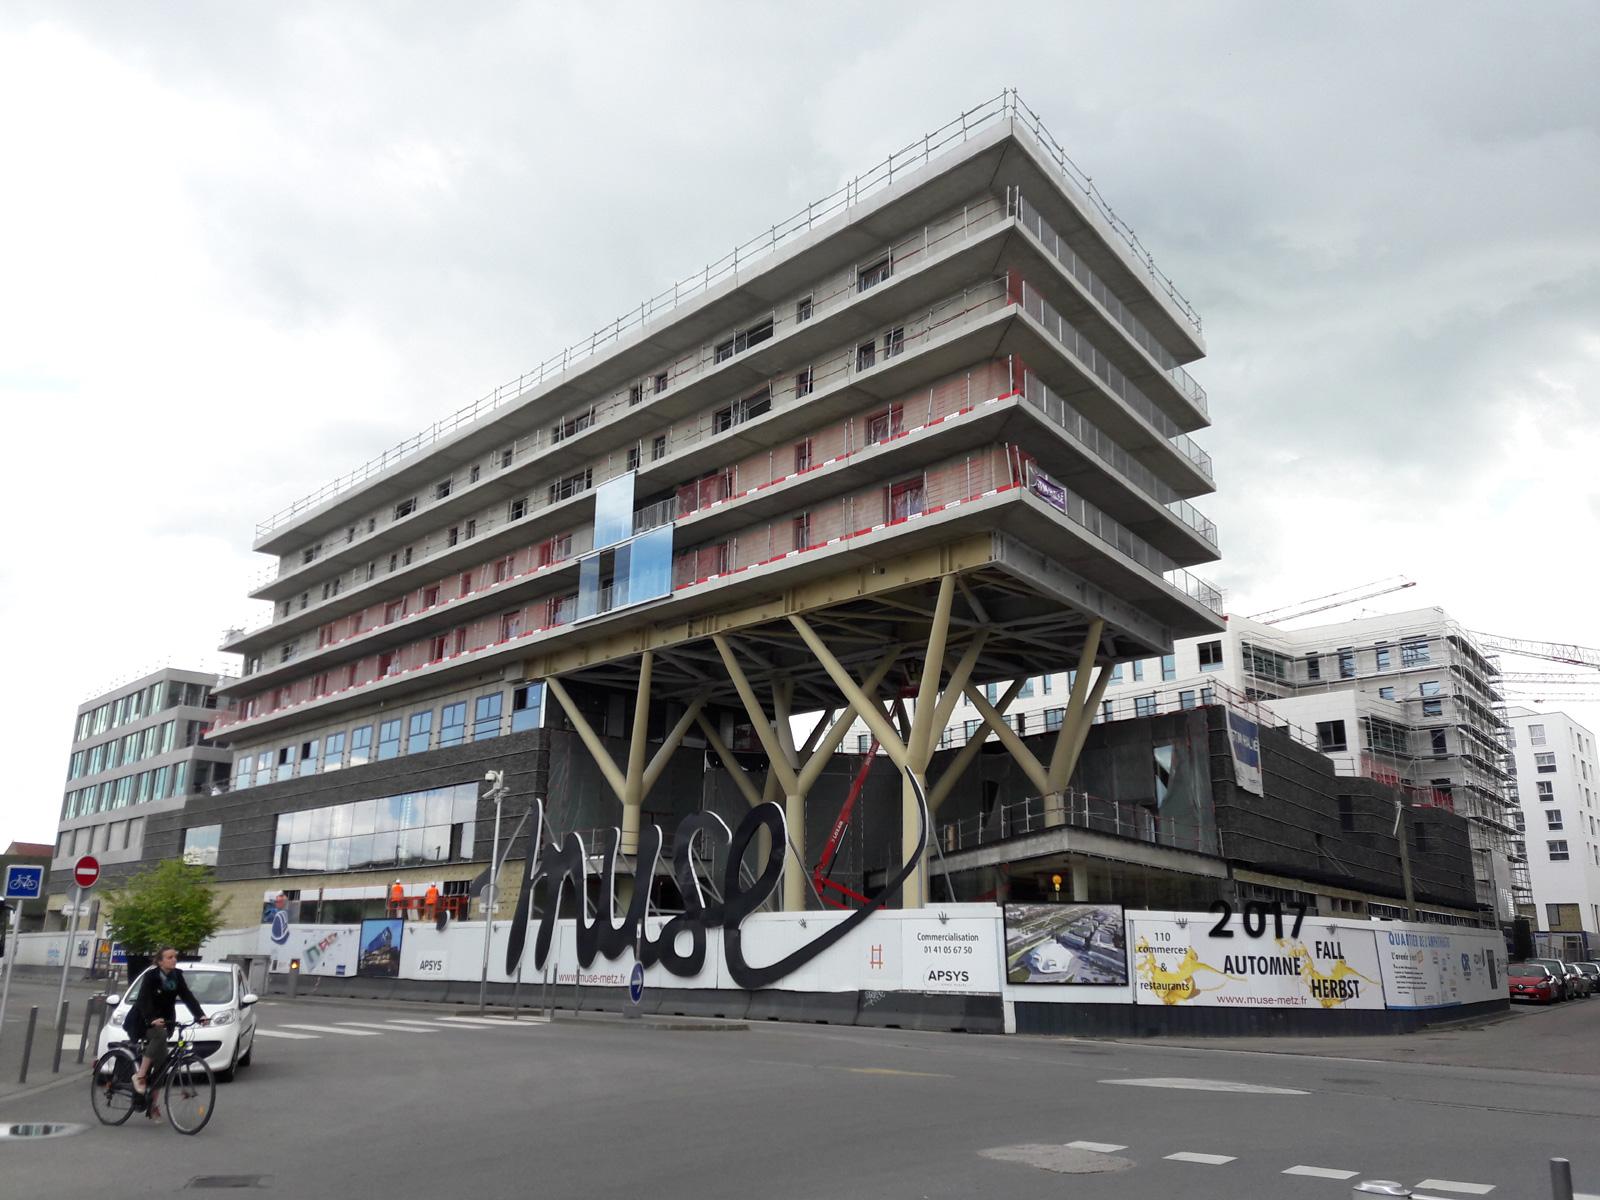 J-20 avant l'ouverture de Muse à Metz, mais sans Primark qui accuse du retard